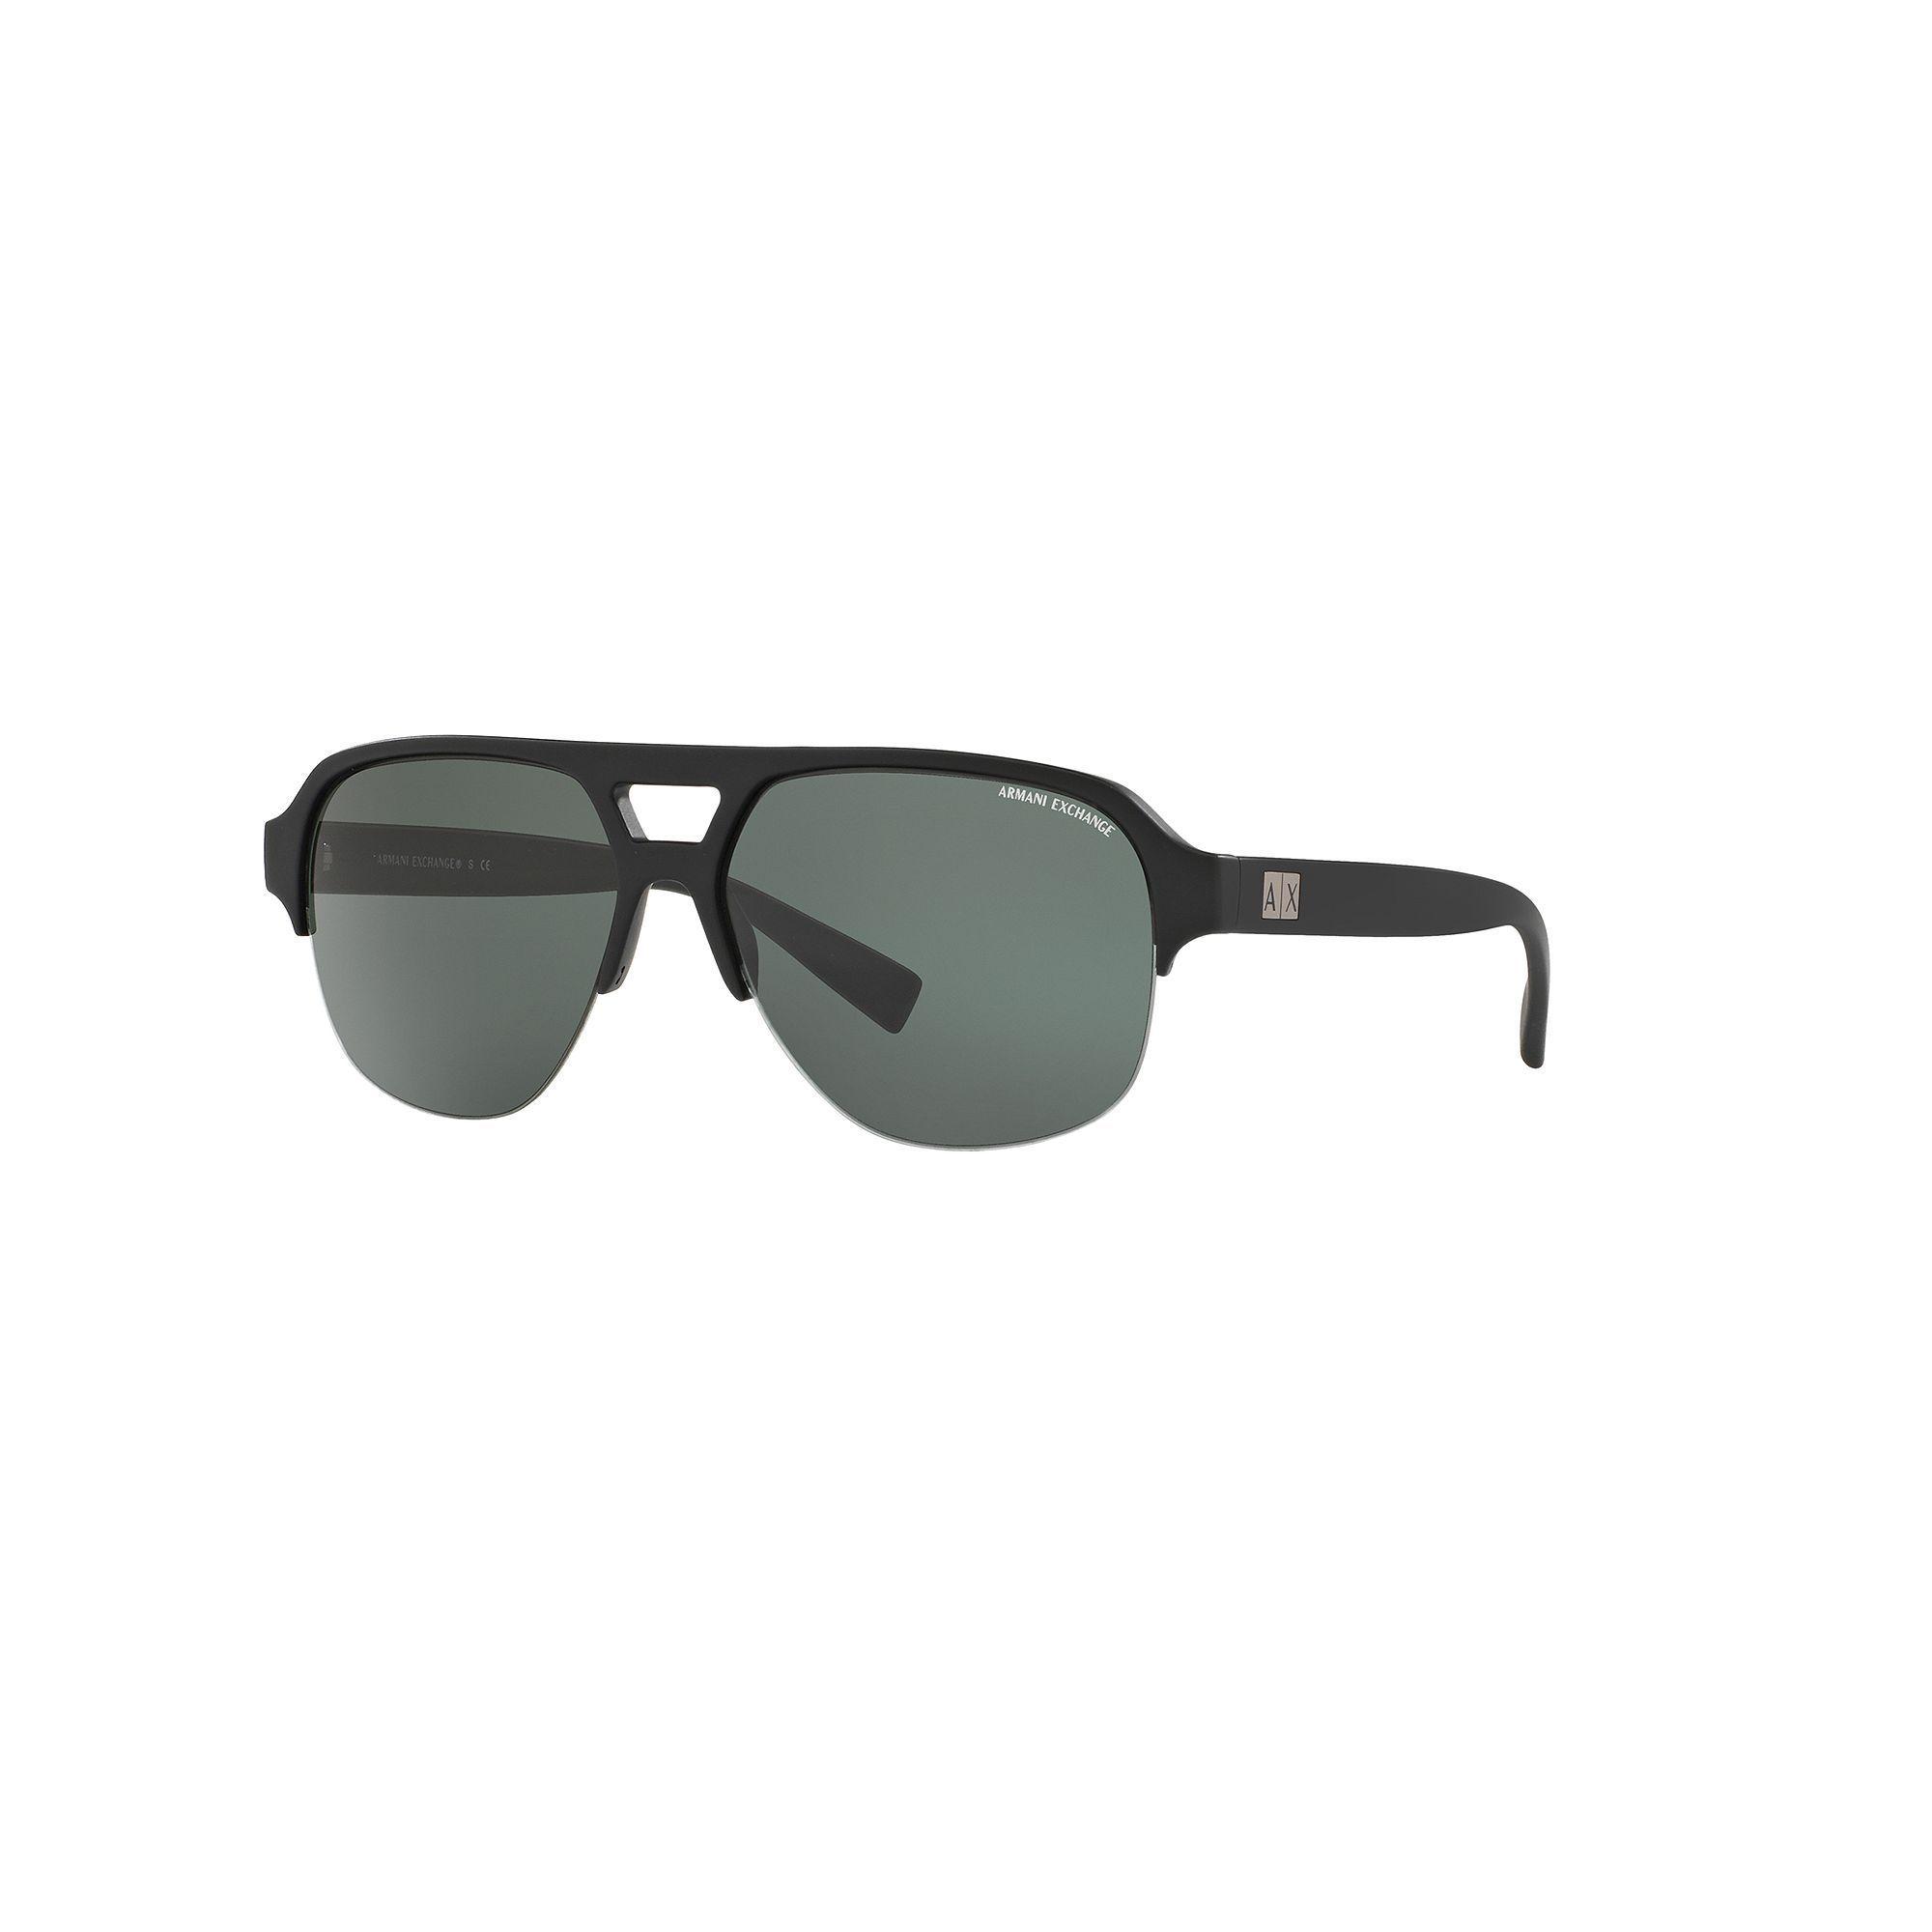 e854a7e3 Armani Exchange Urban Attitude AX4056S 59mm Aviator Sunglasses ...